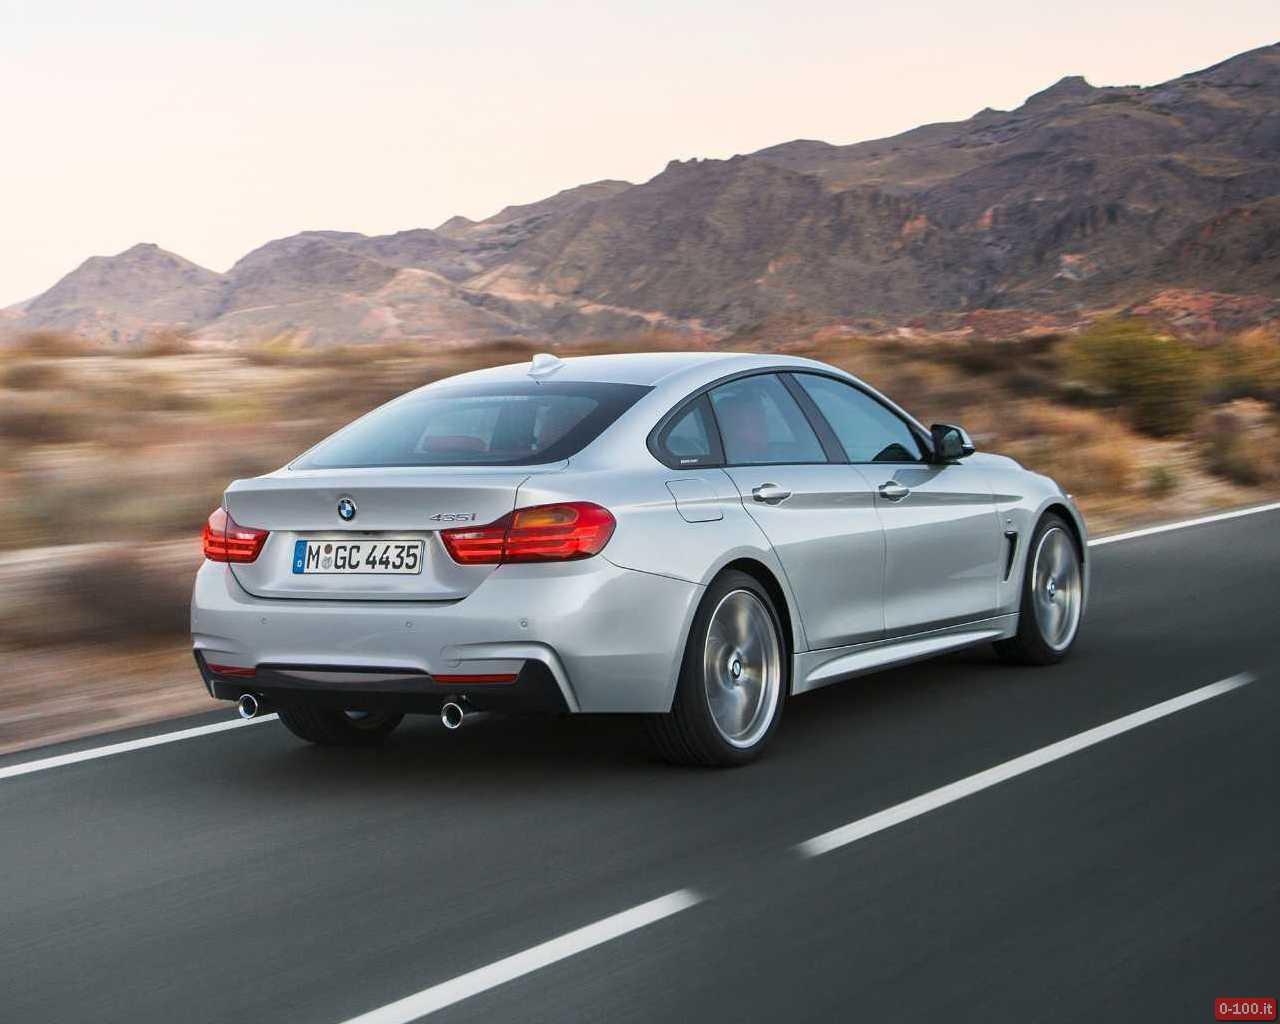 bmw-serie-4-gran-coupe-prezzo-price-ginevra-geneve-2014-0-100_87